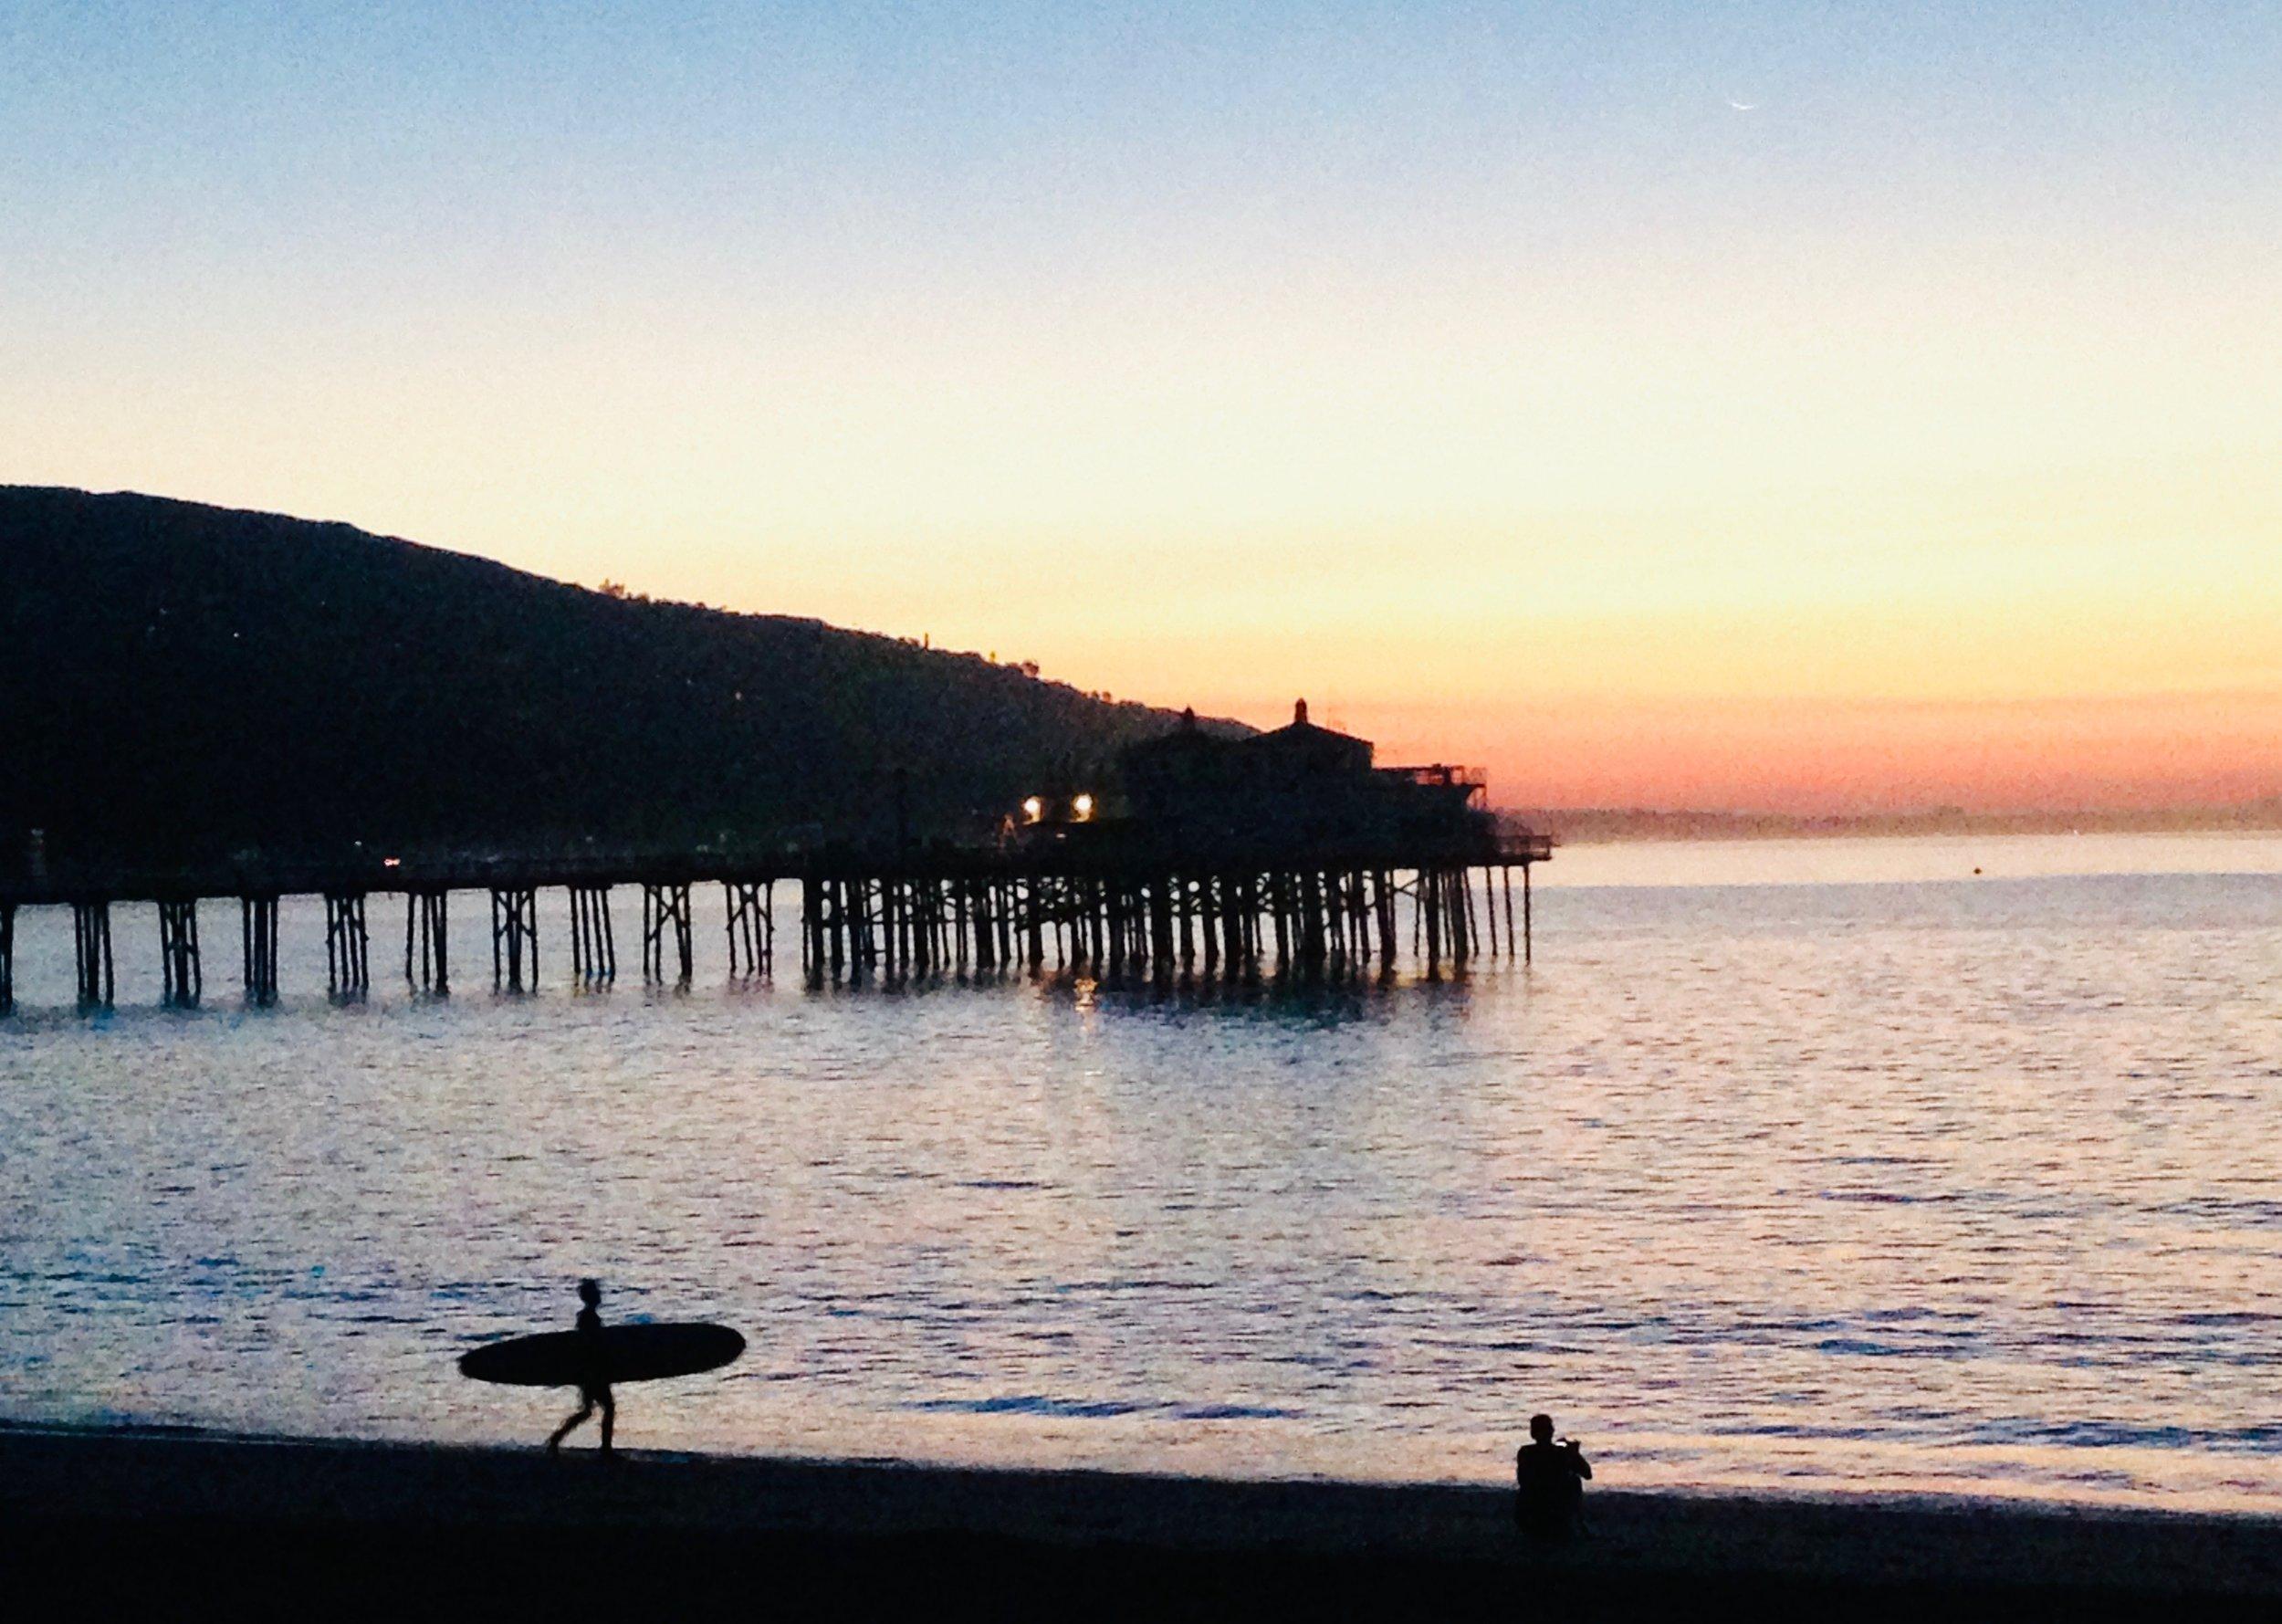 sunrise Malibu.jpeg